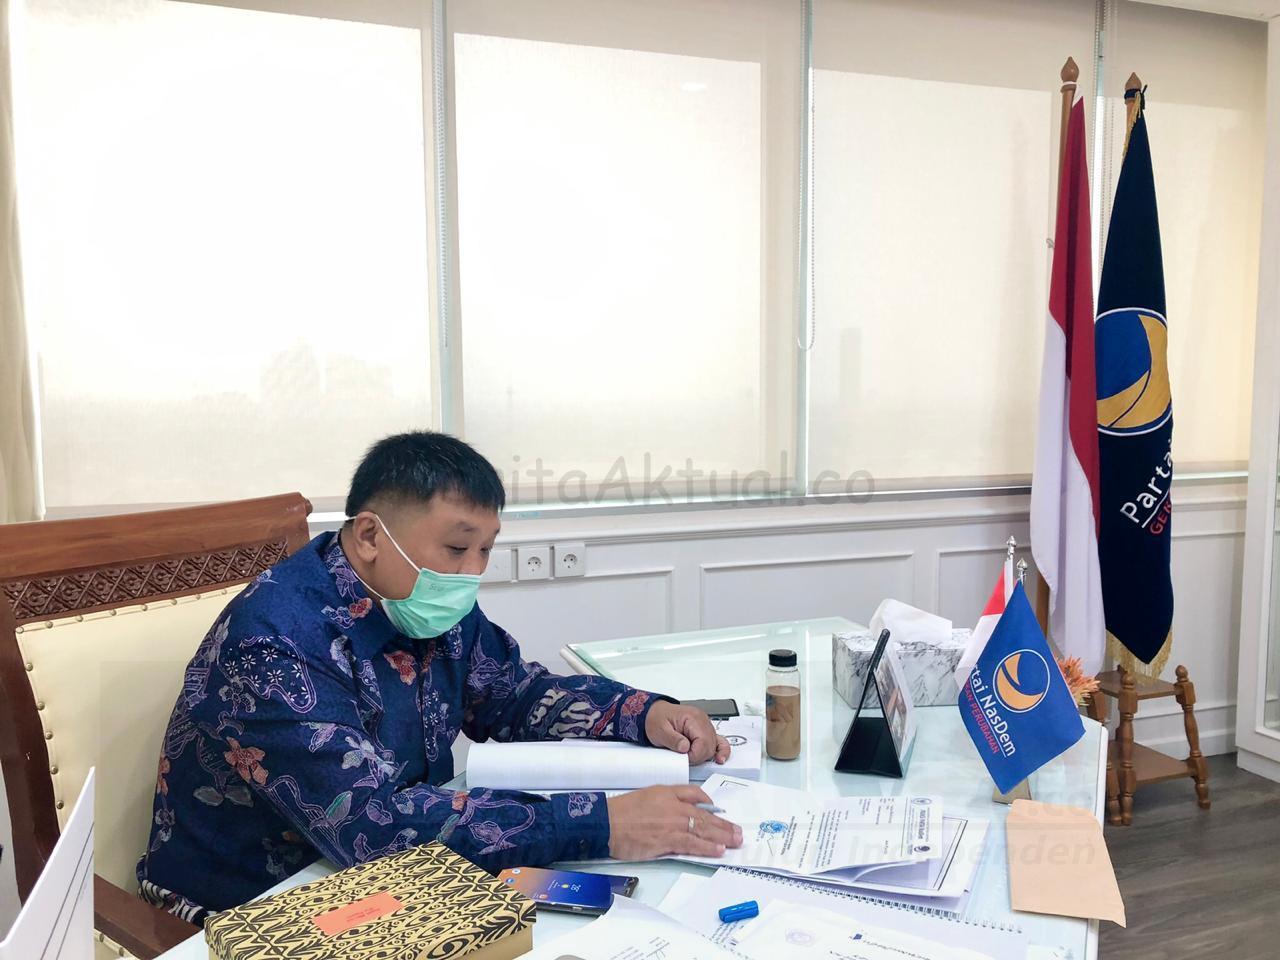 Vaksin China Akan Diproduksi di Indonesia, Rico Sia: Vaksin Merah Putih Mau Dikemanakan? 1 IMG 20201103 WA0044